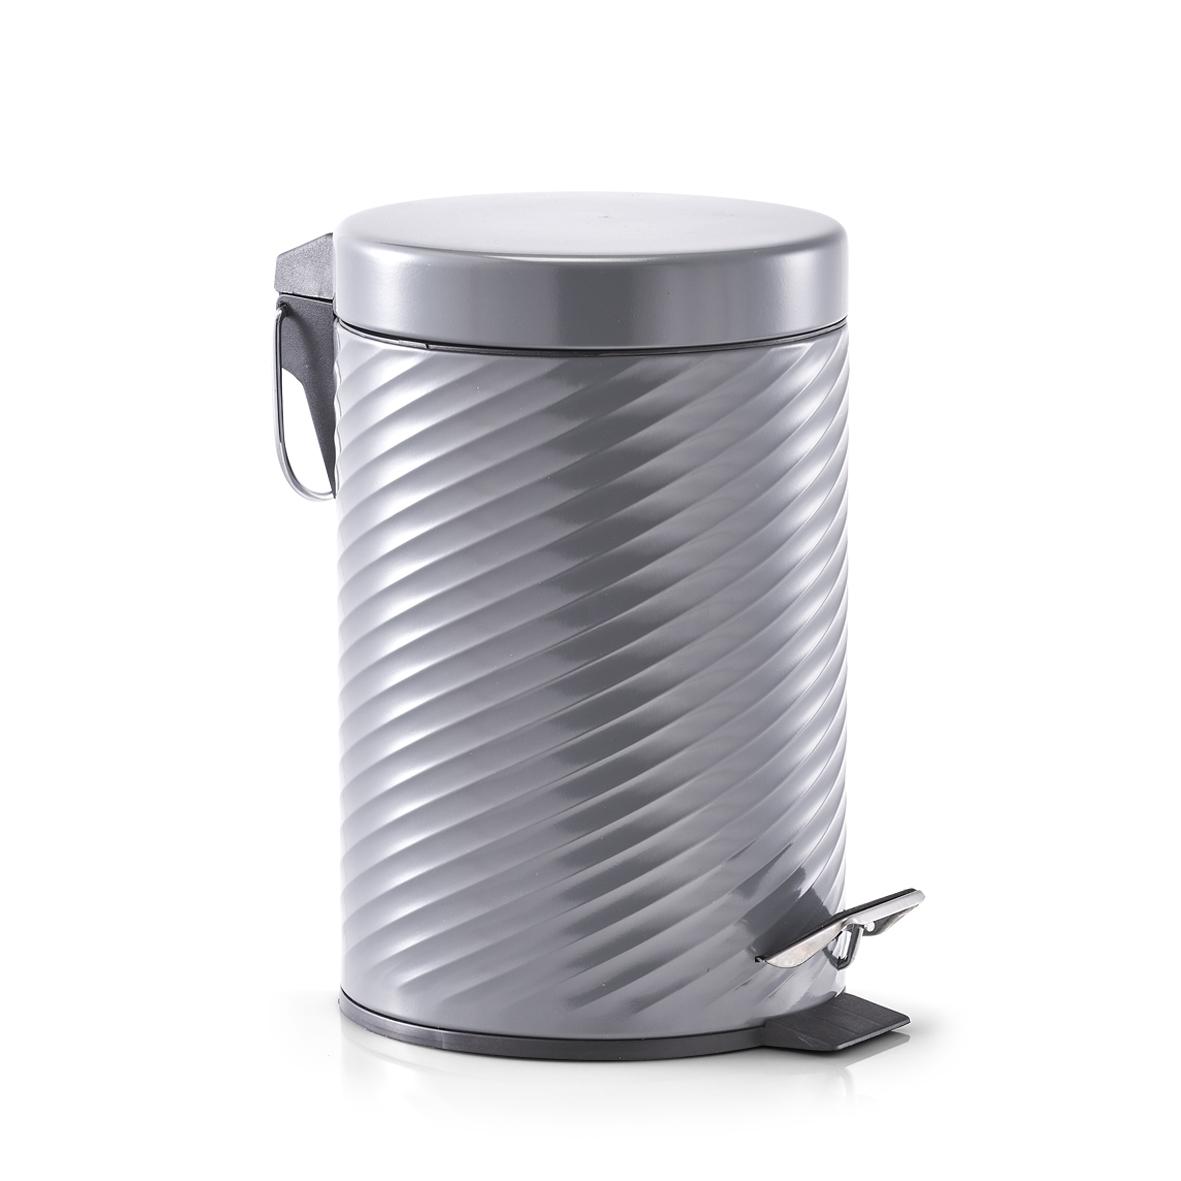 Cos de gunoi cu pedala, Metal Antracit, 3L imagine